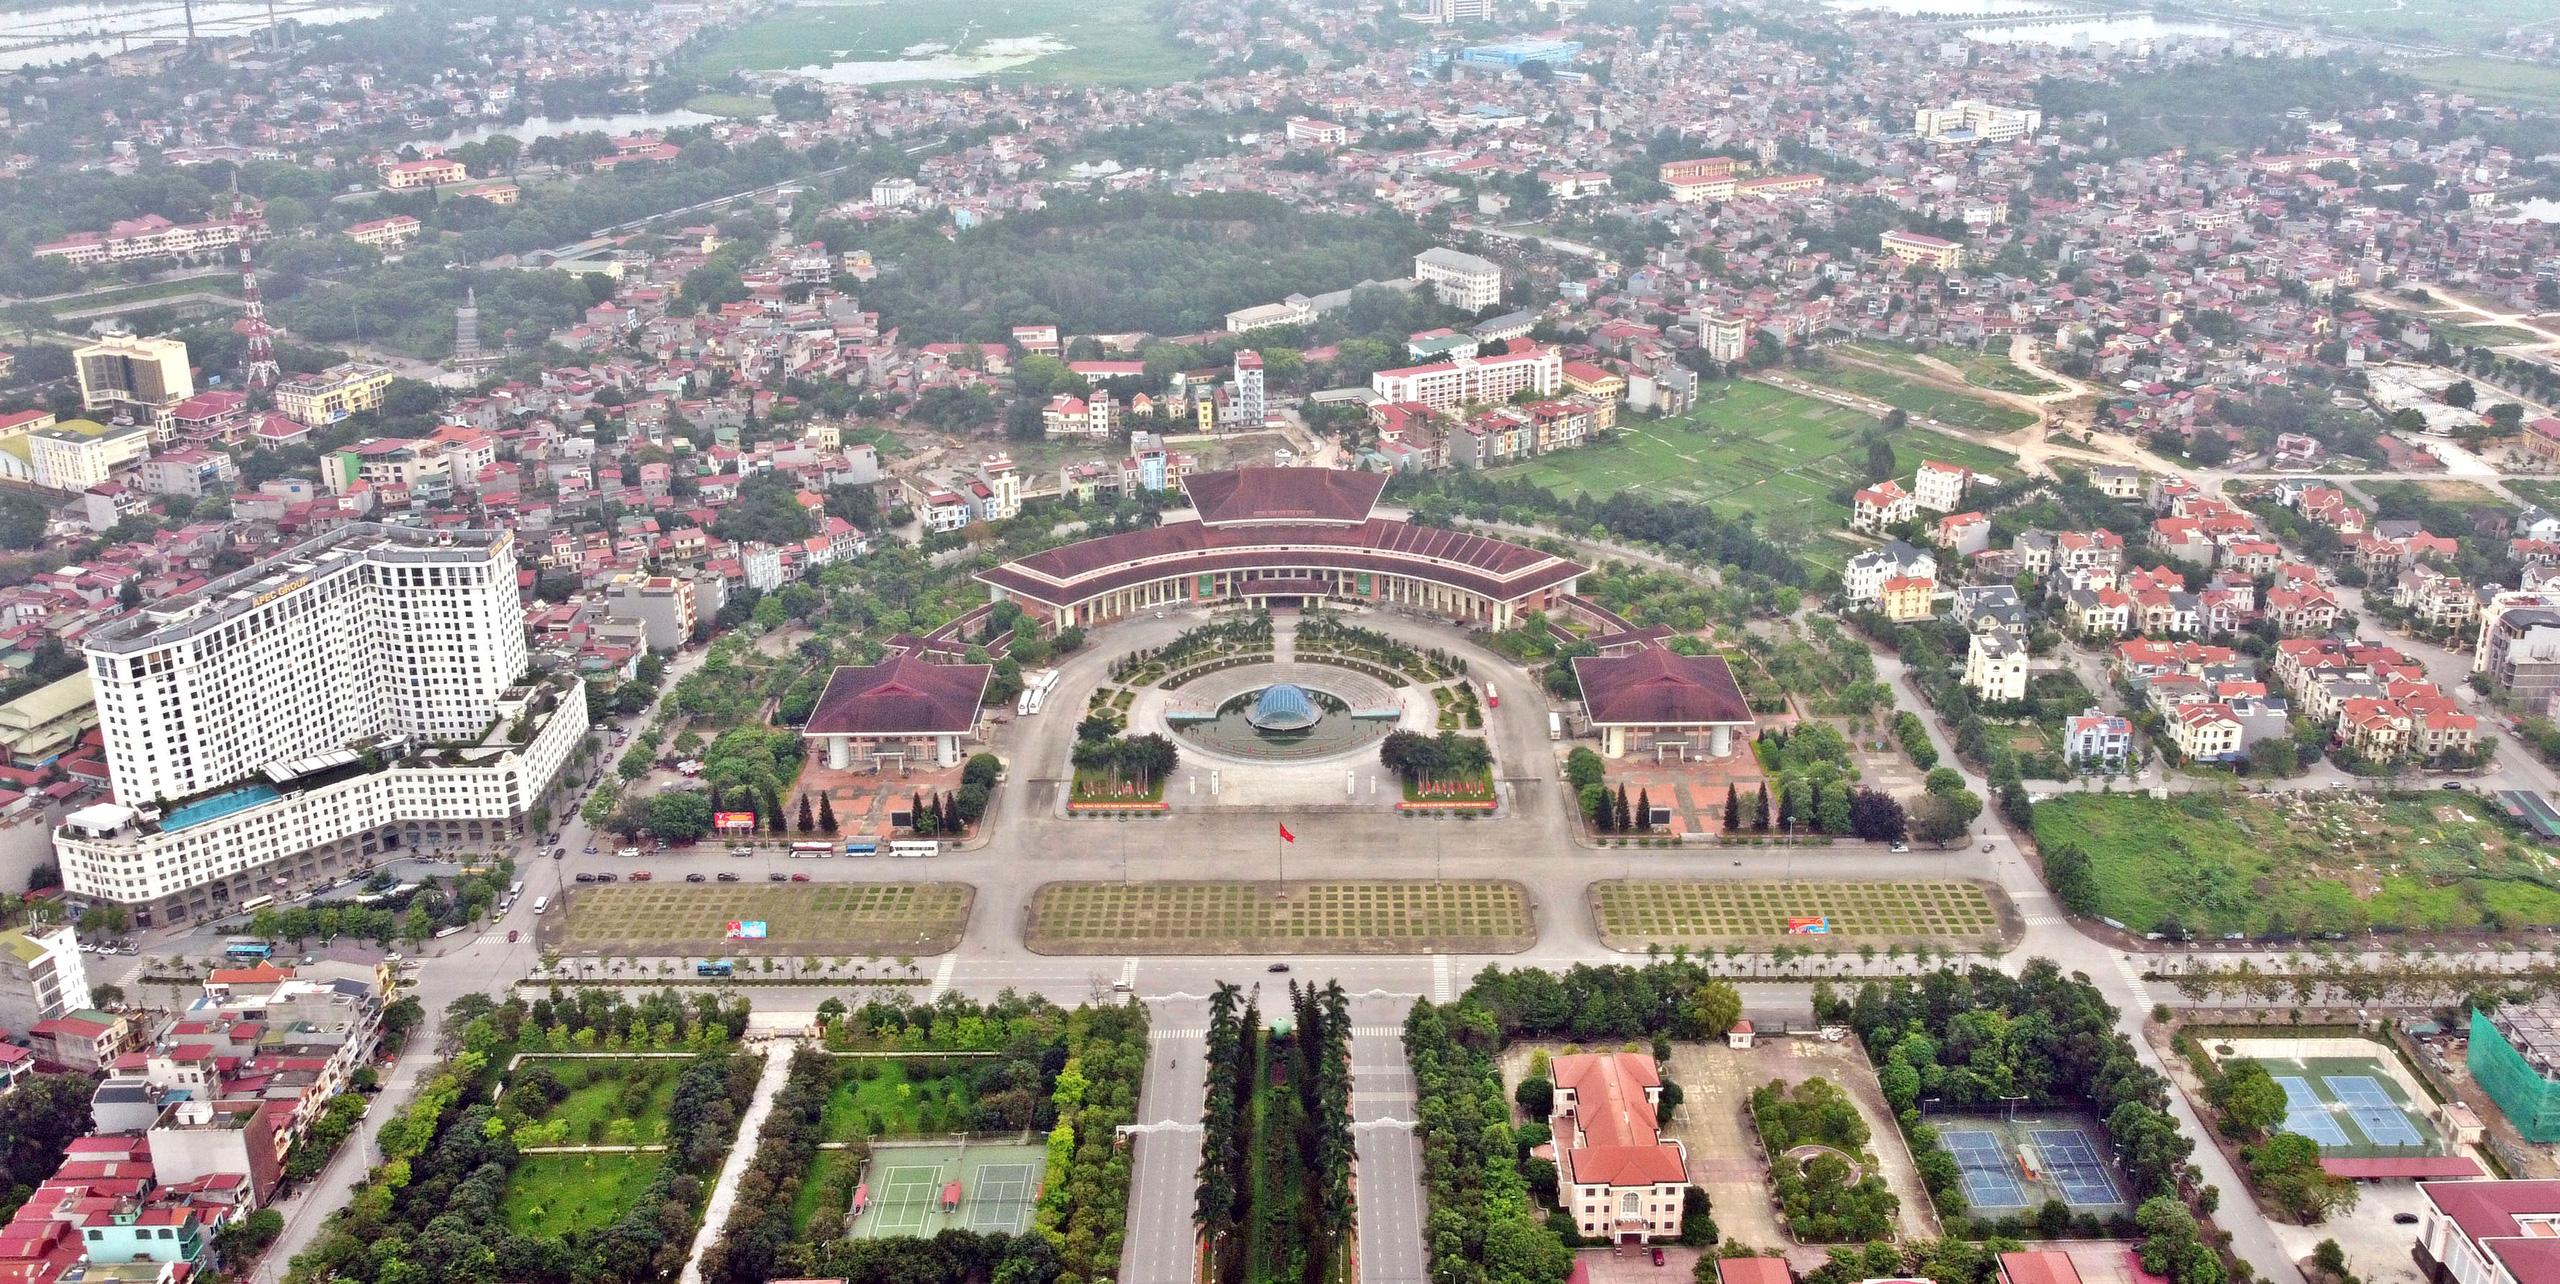 Toàn cảnh Bắc Ninh trước khi lên thành phố trực thuộc trung ương - Ảnh 3.